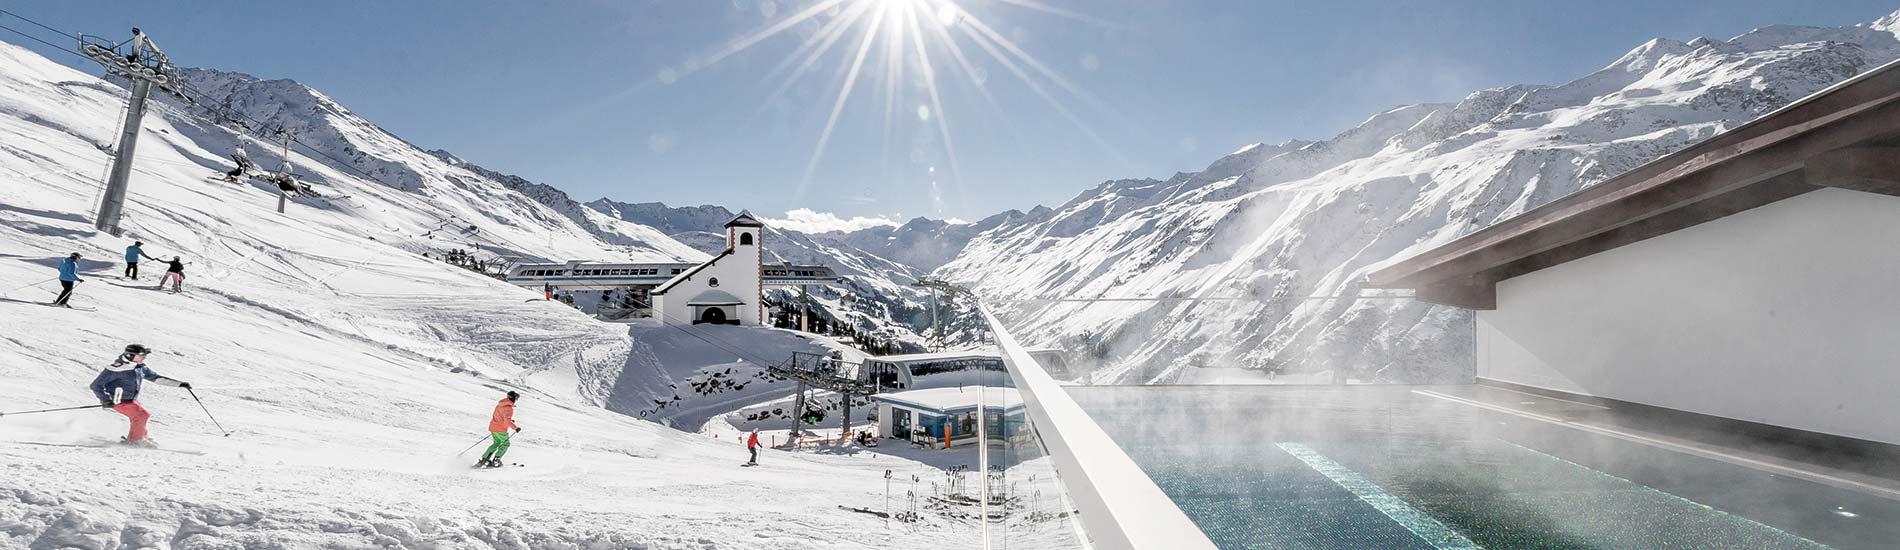 5-star superior luxury ski hotel TOP Hotel Hochgurgl in Obergurgl-Hochgurgl in the Ötztal Valley Austria